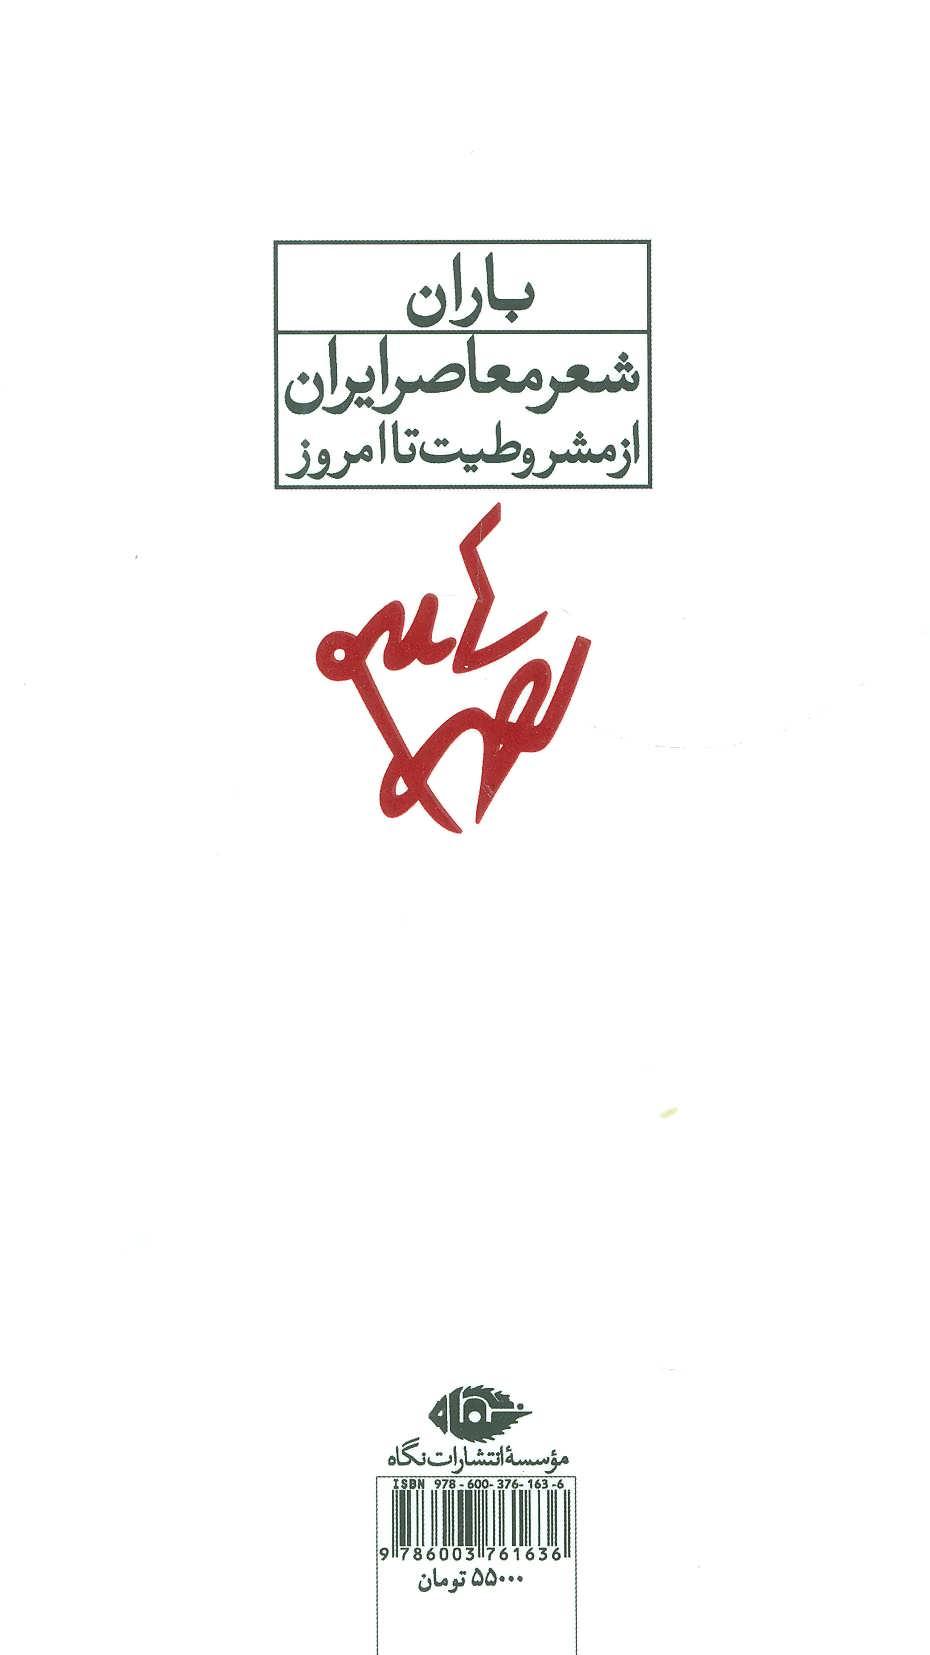 مجموعه اشعار احمد شاملو (باران،شعر معاصر ایران)